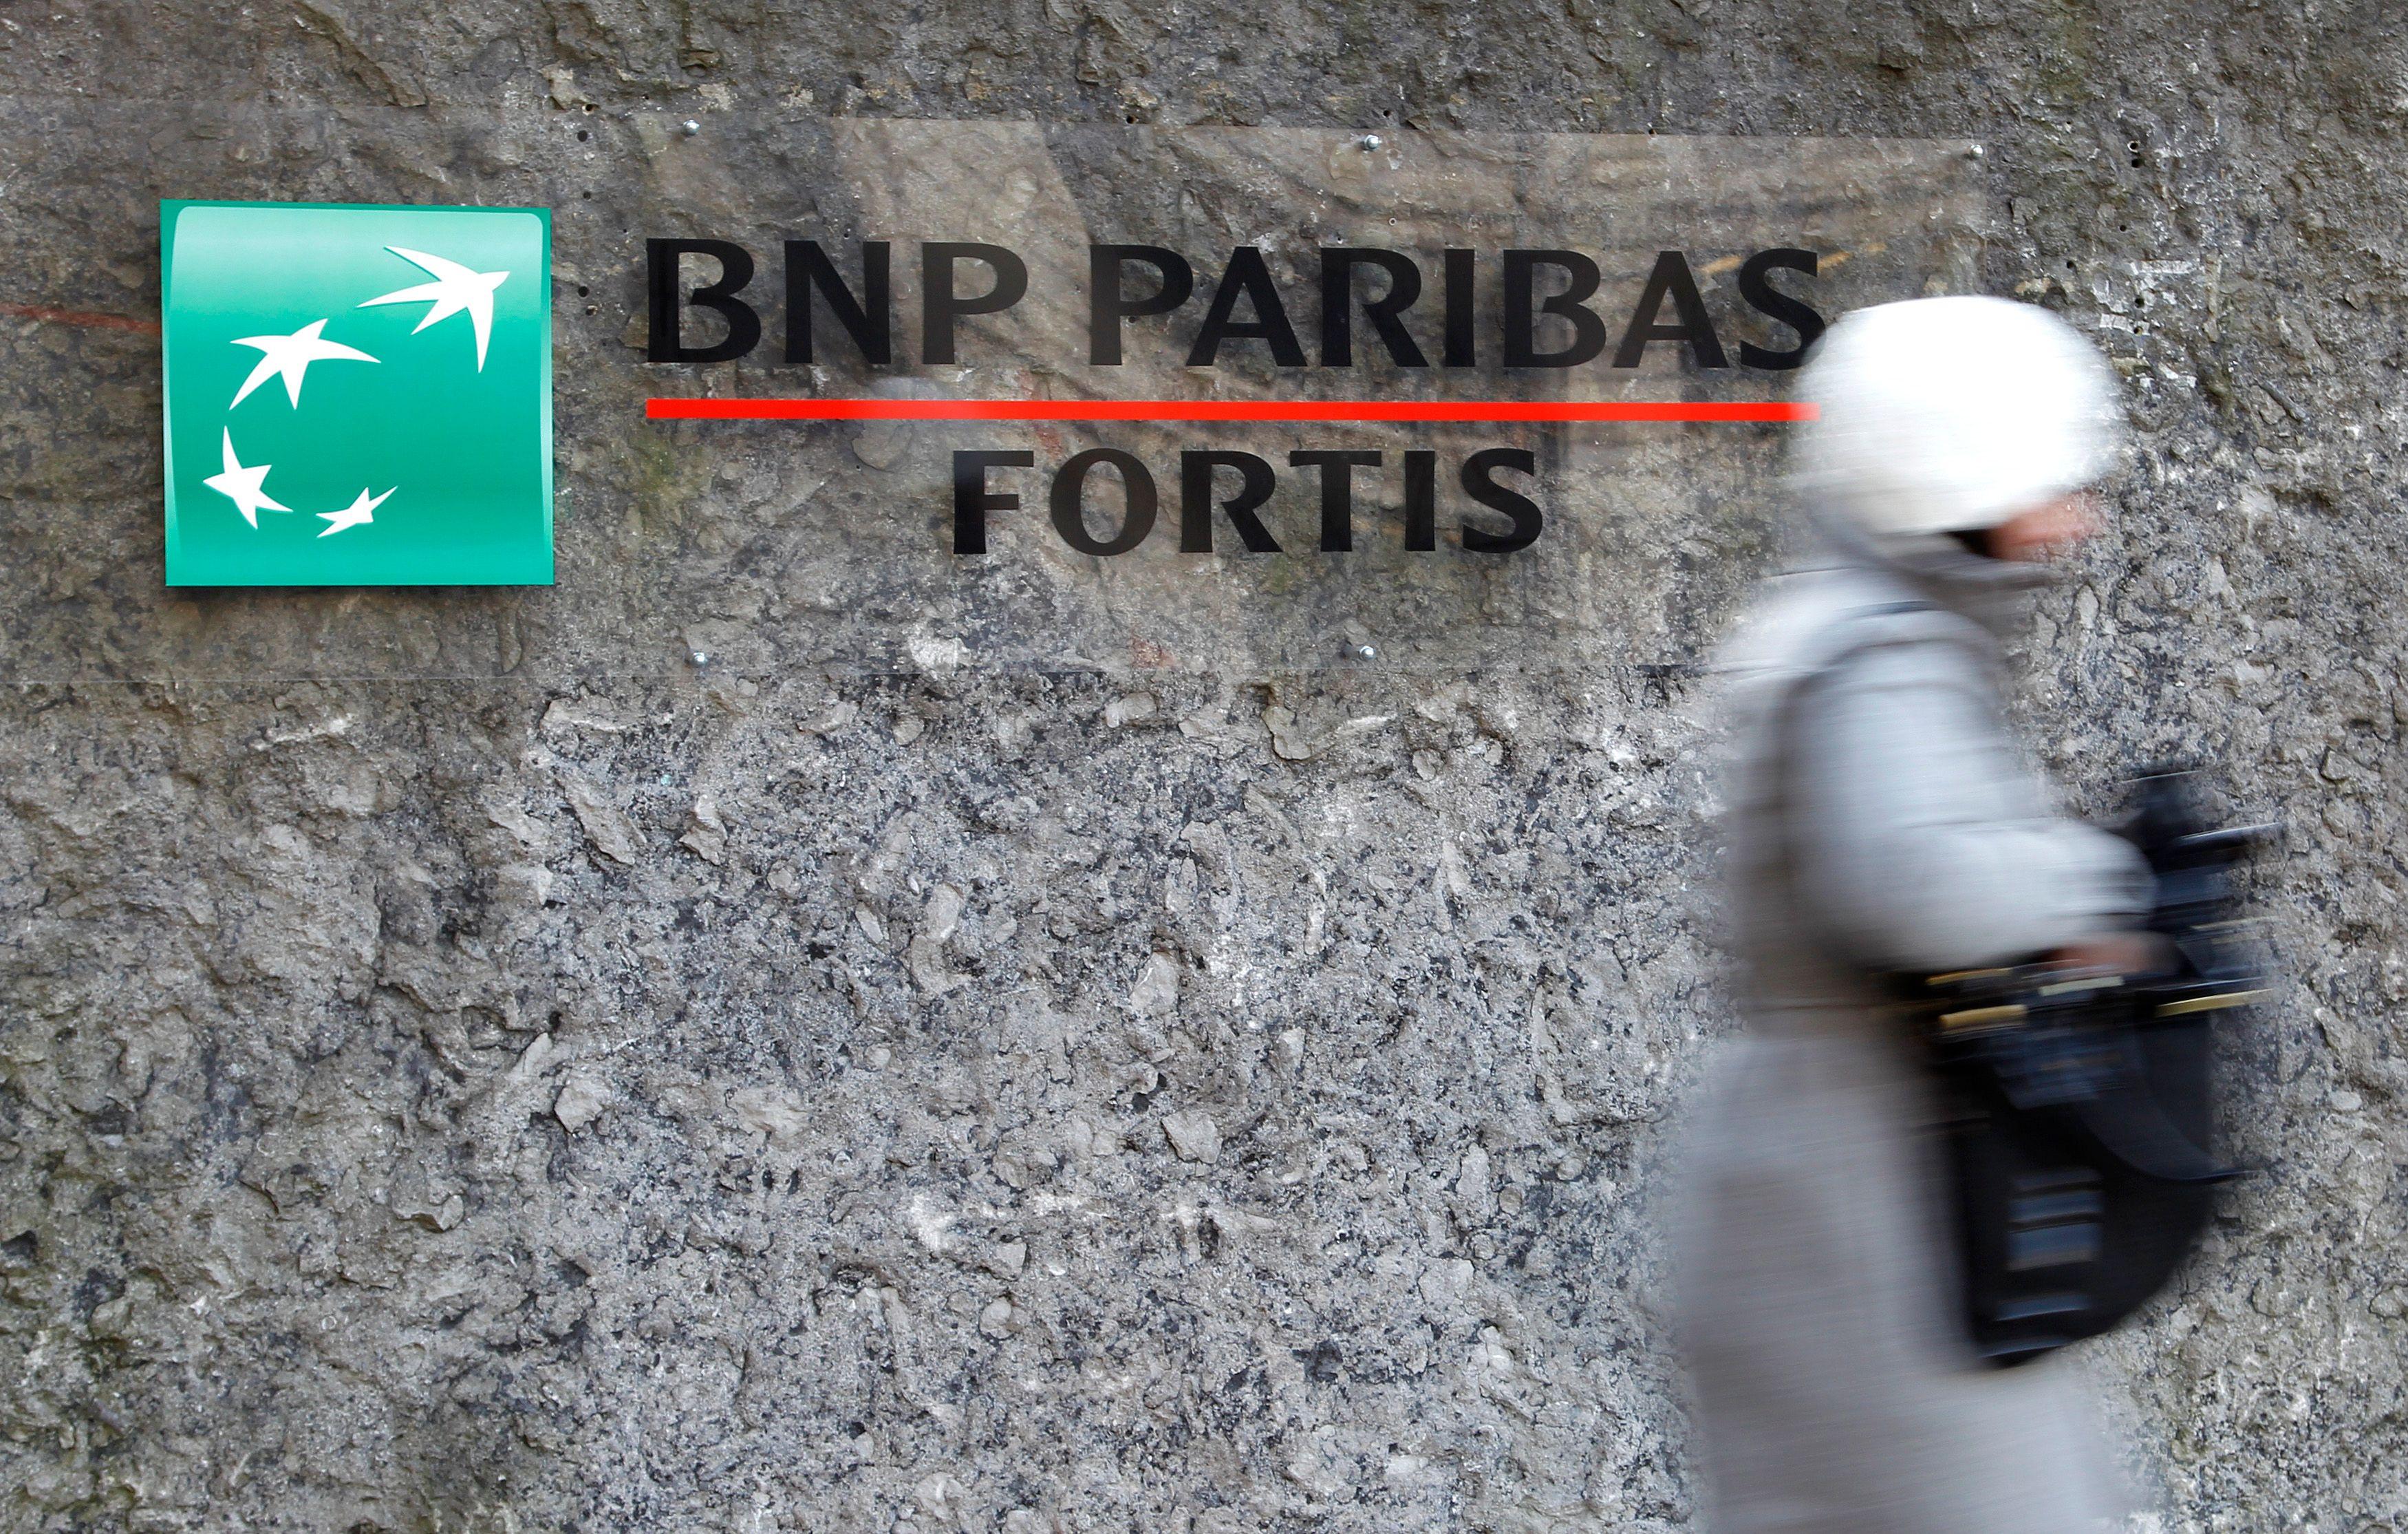 L'agence BNP a présenté ses excuses à la vieille dame